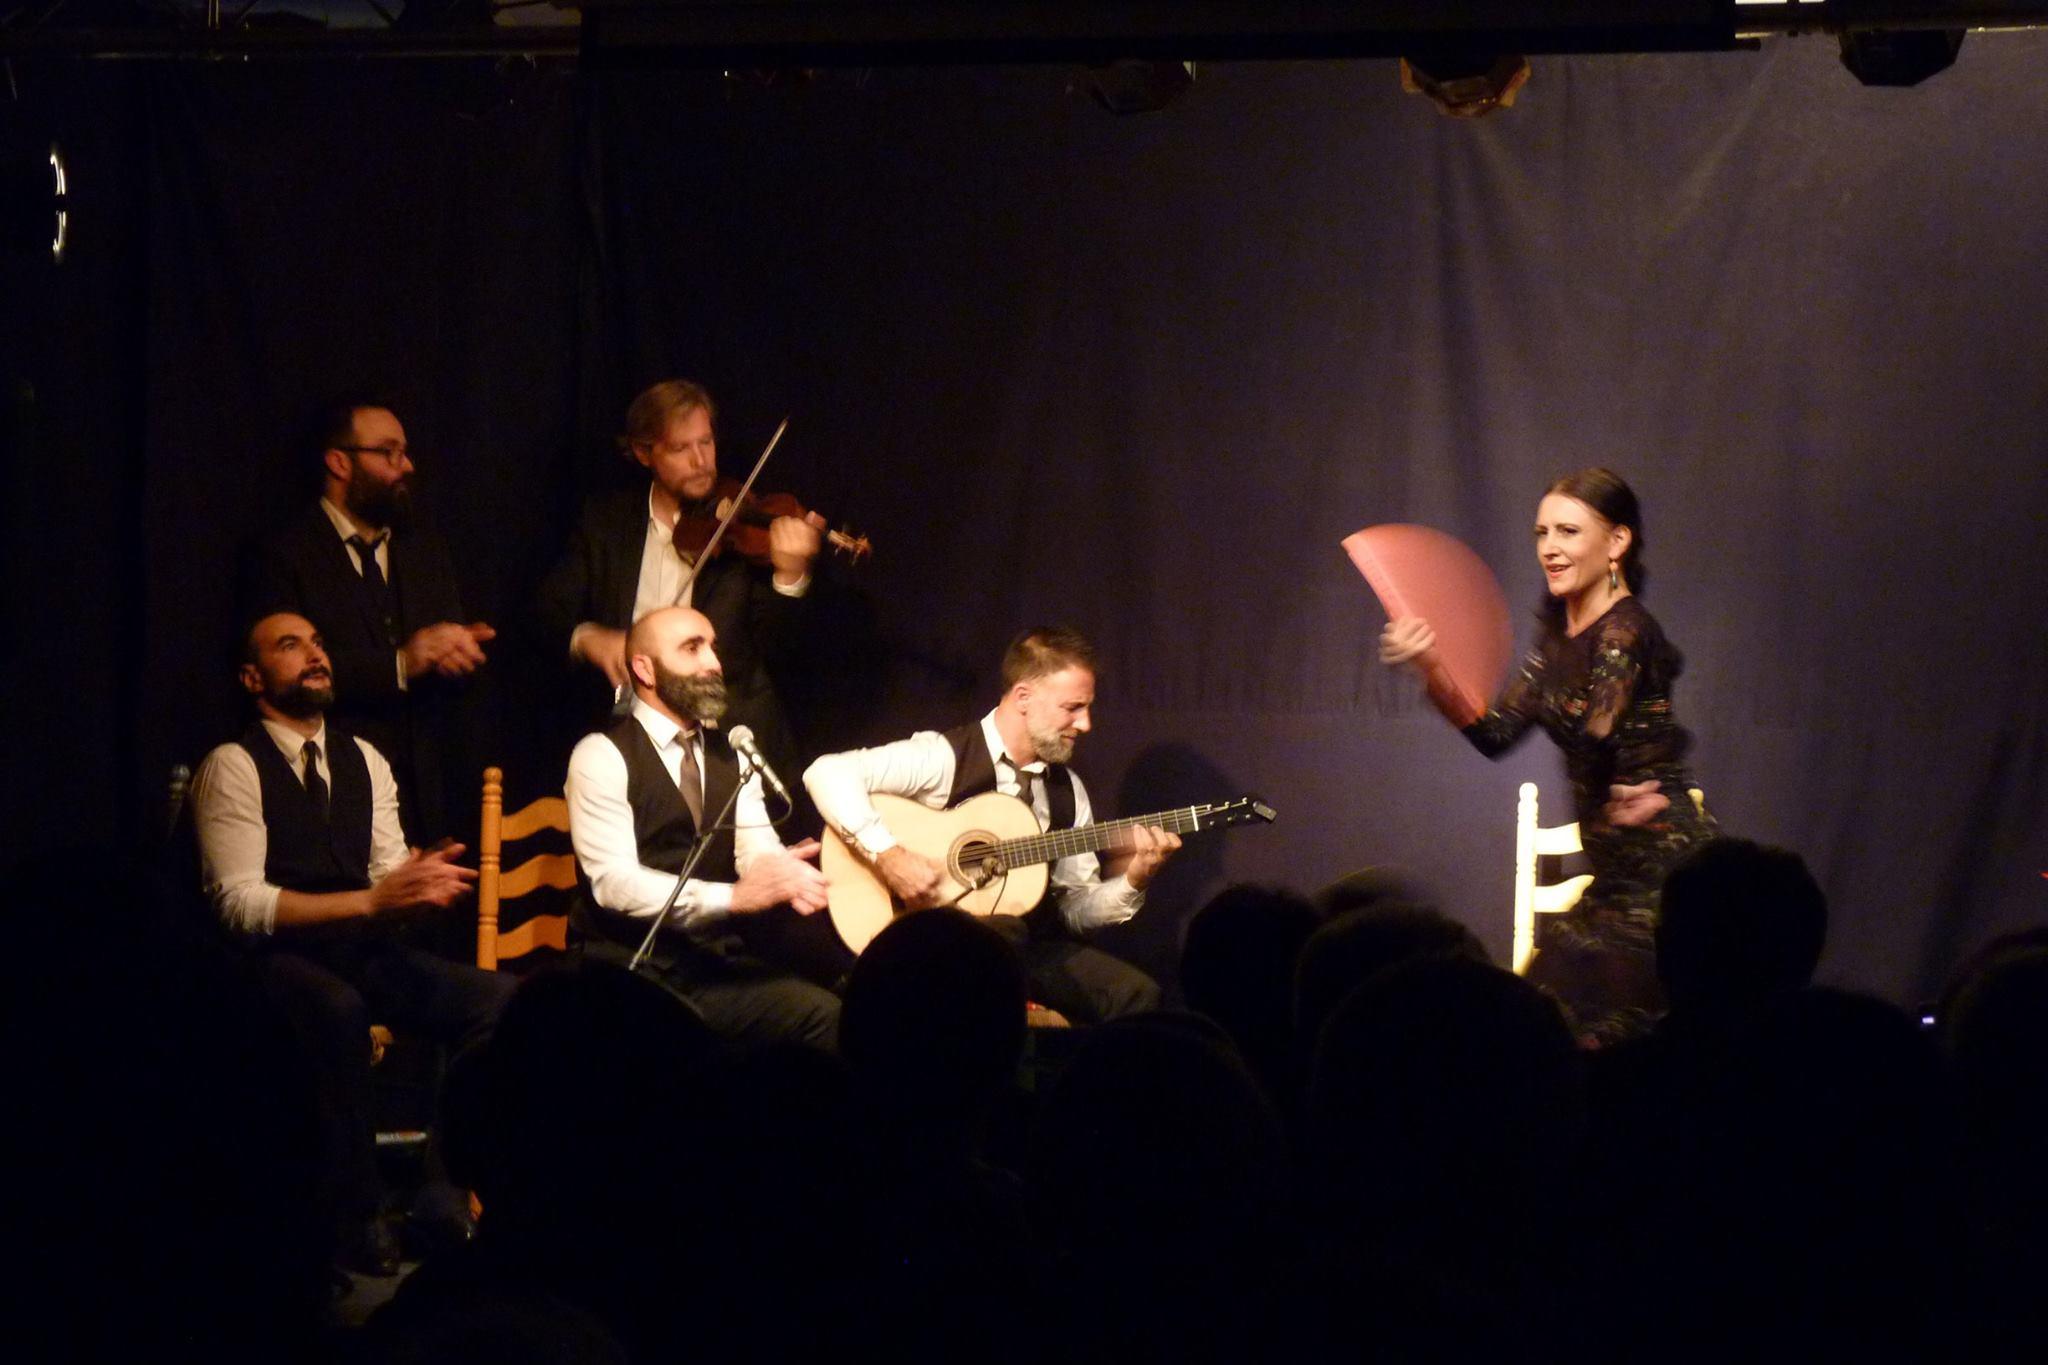 danseurs et musiciens lors d'un spectacle de flamenco à Bordeaux